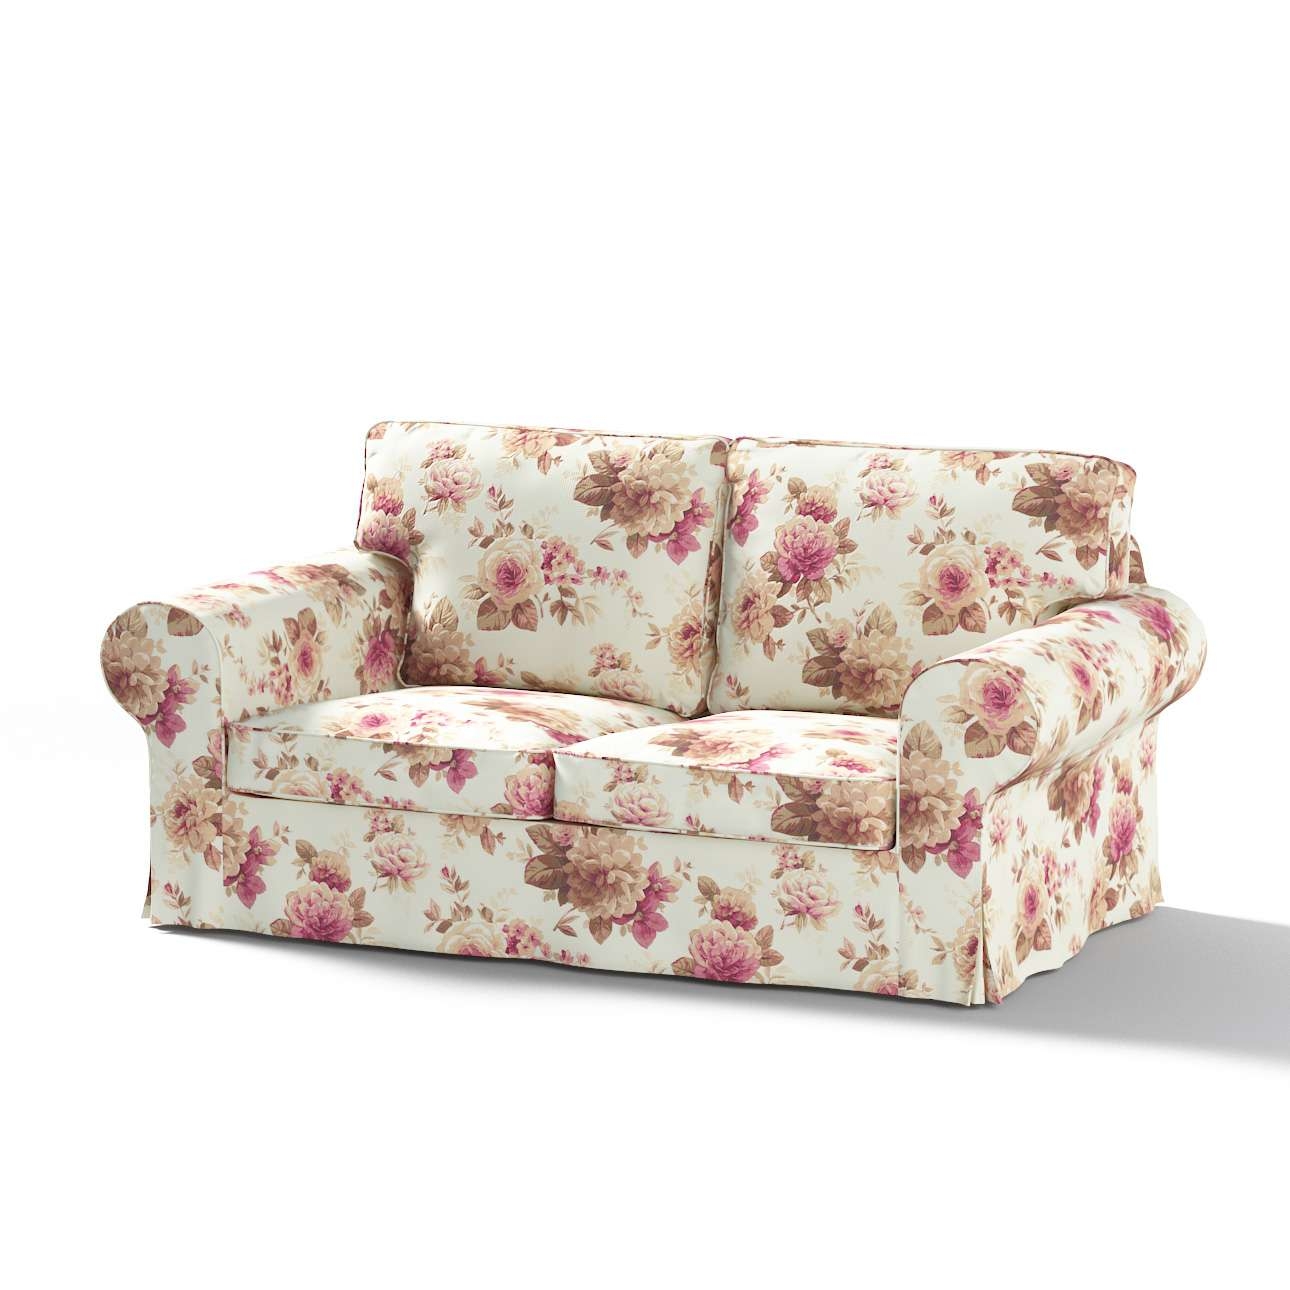 Pokrowiec na sofę Ektorp 2-osobową, nierozkładaną w kolekcji Mirella, tkanina: 141-06